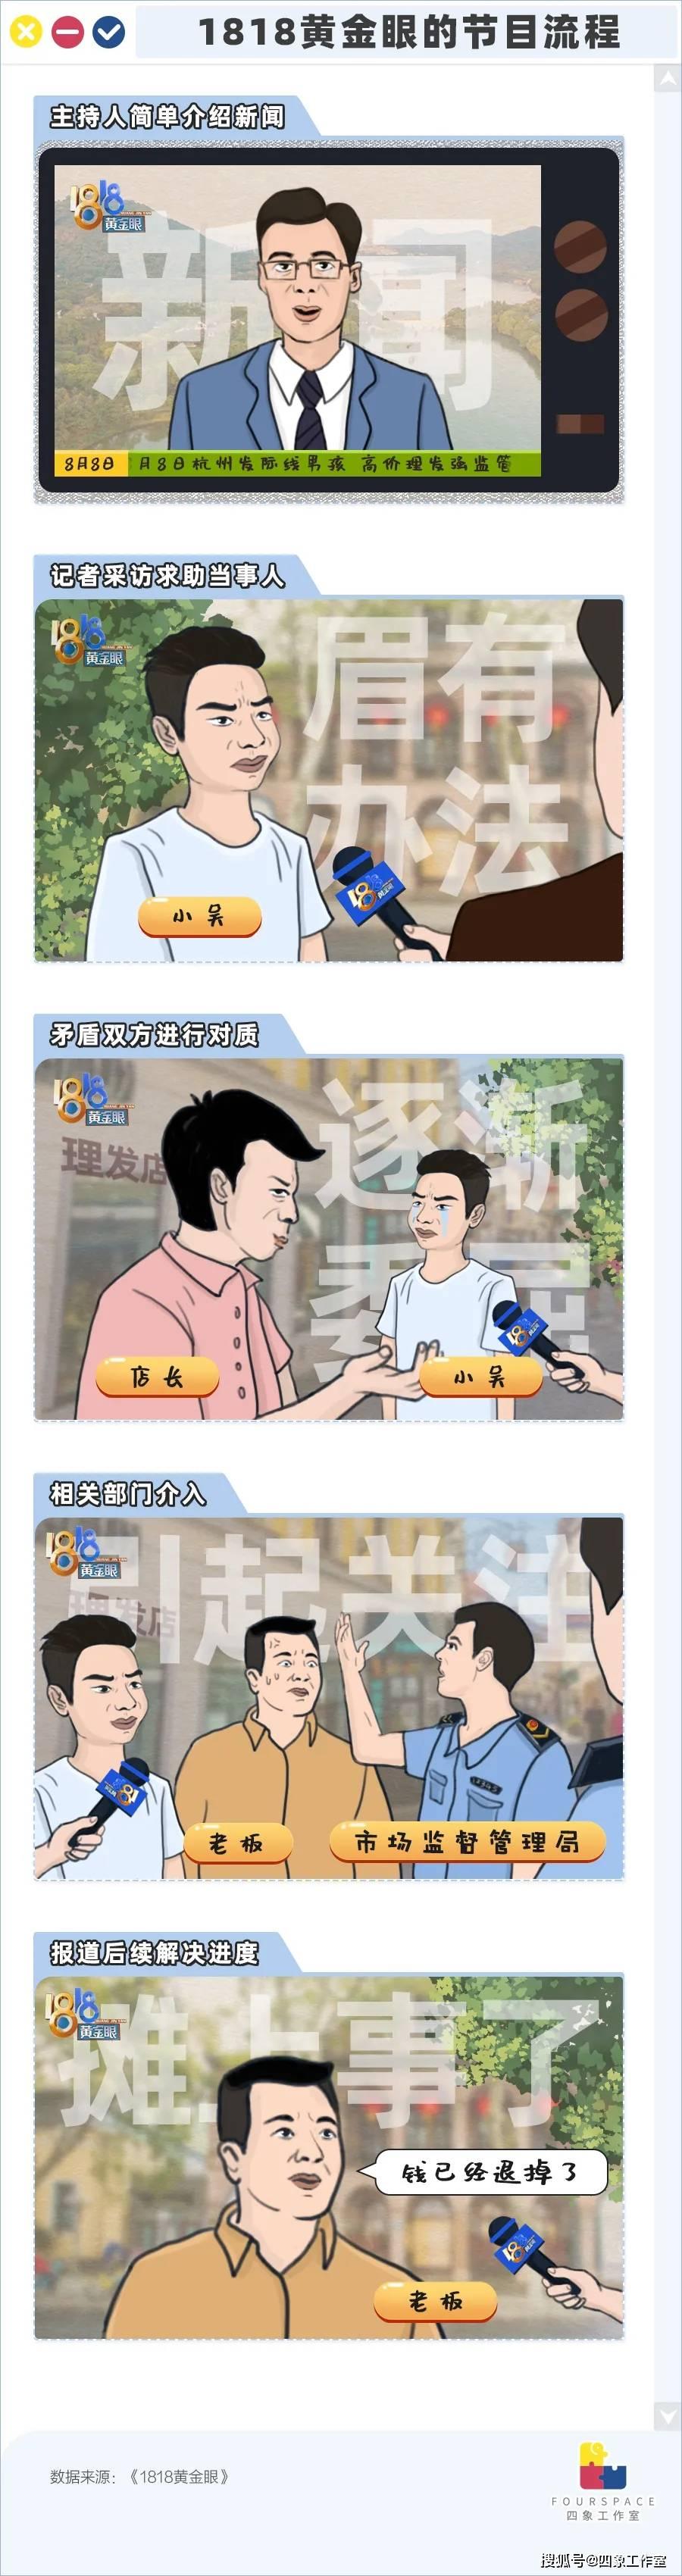 """恒达官网3万多期沙雕""""黄金眼""""中 藏着多少维权辛酸泪?(图3)"""